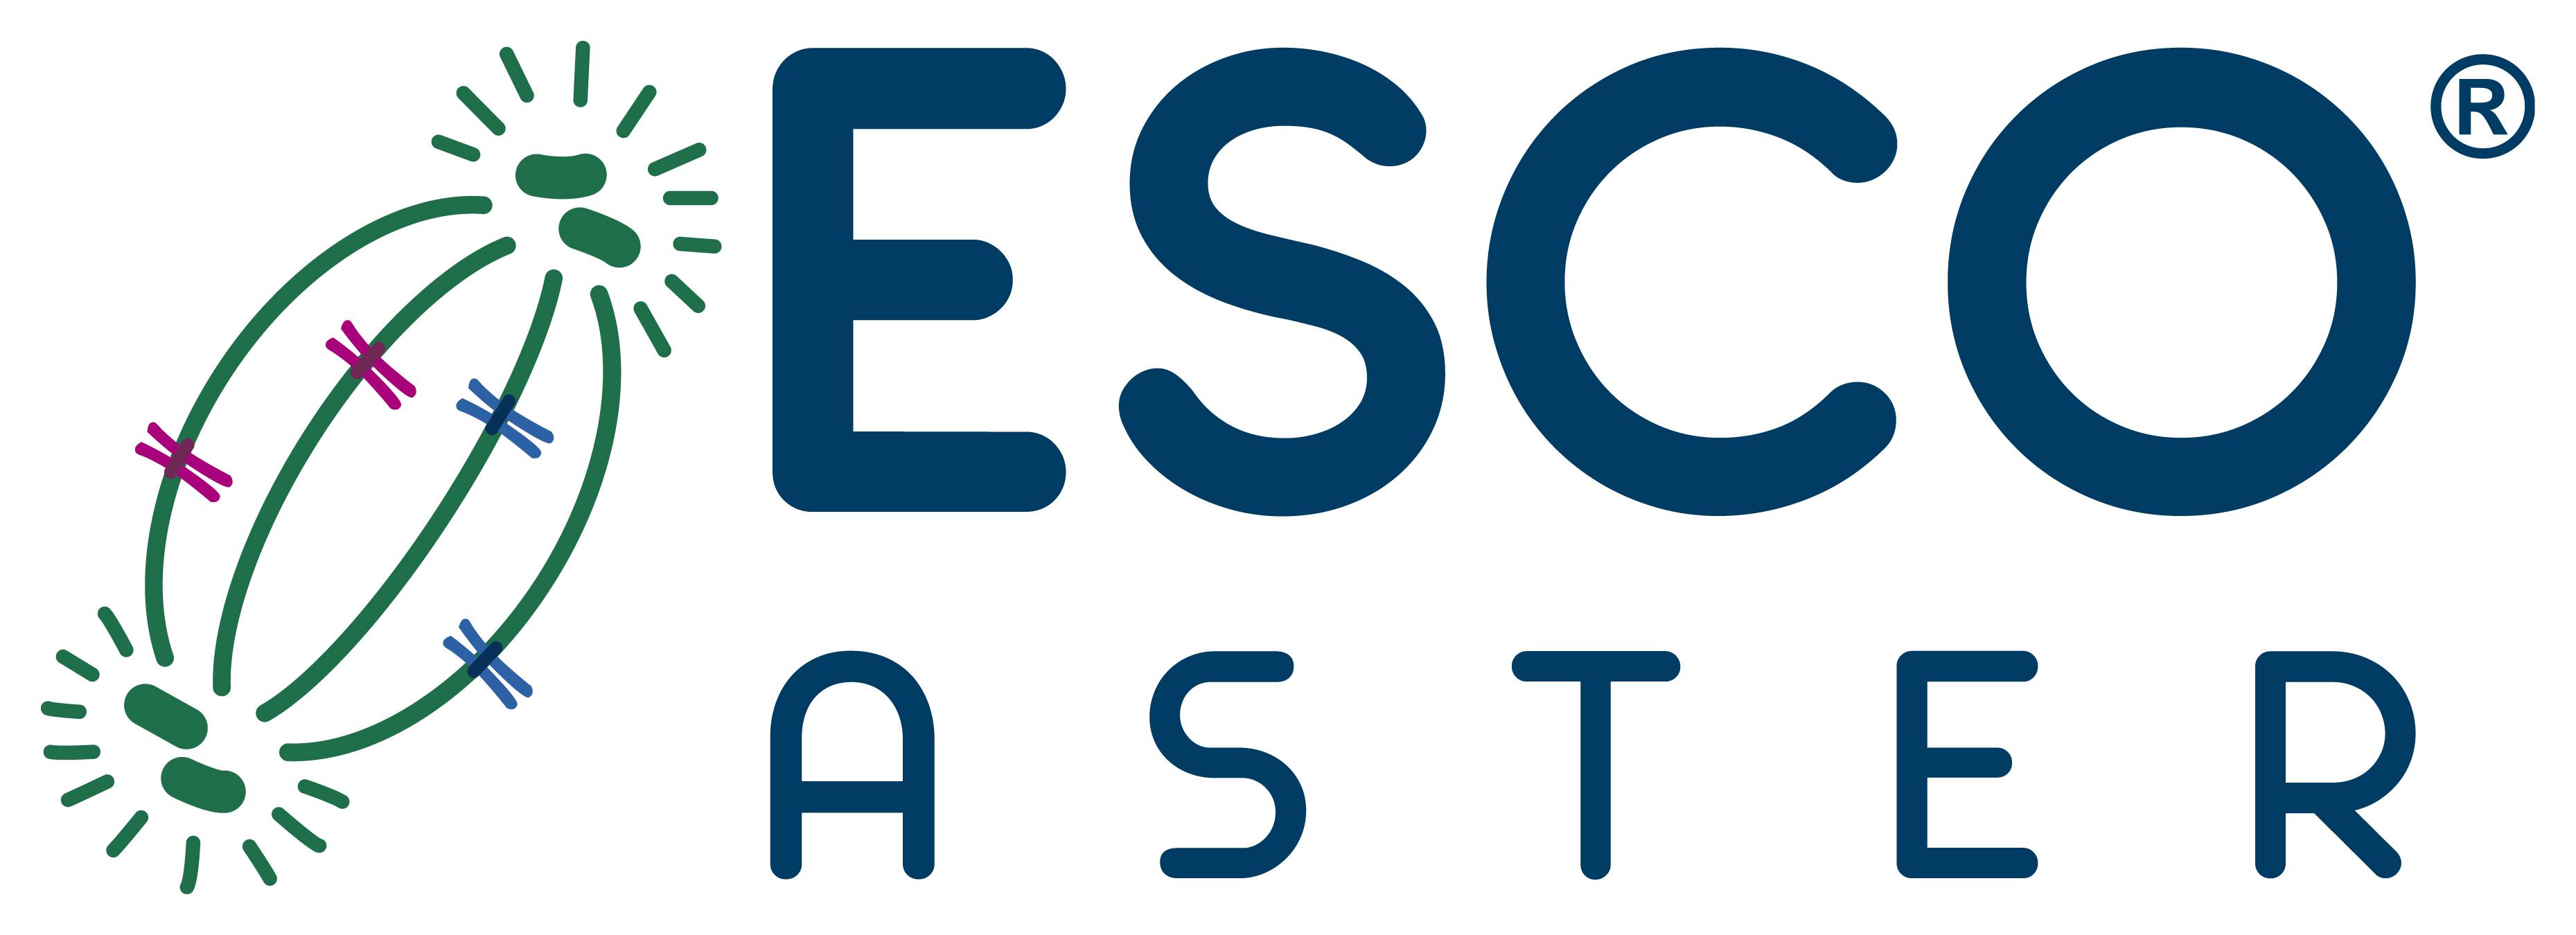 Esco Aster Logo Jpeg